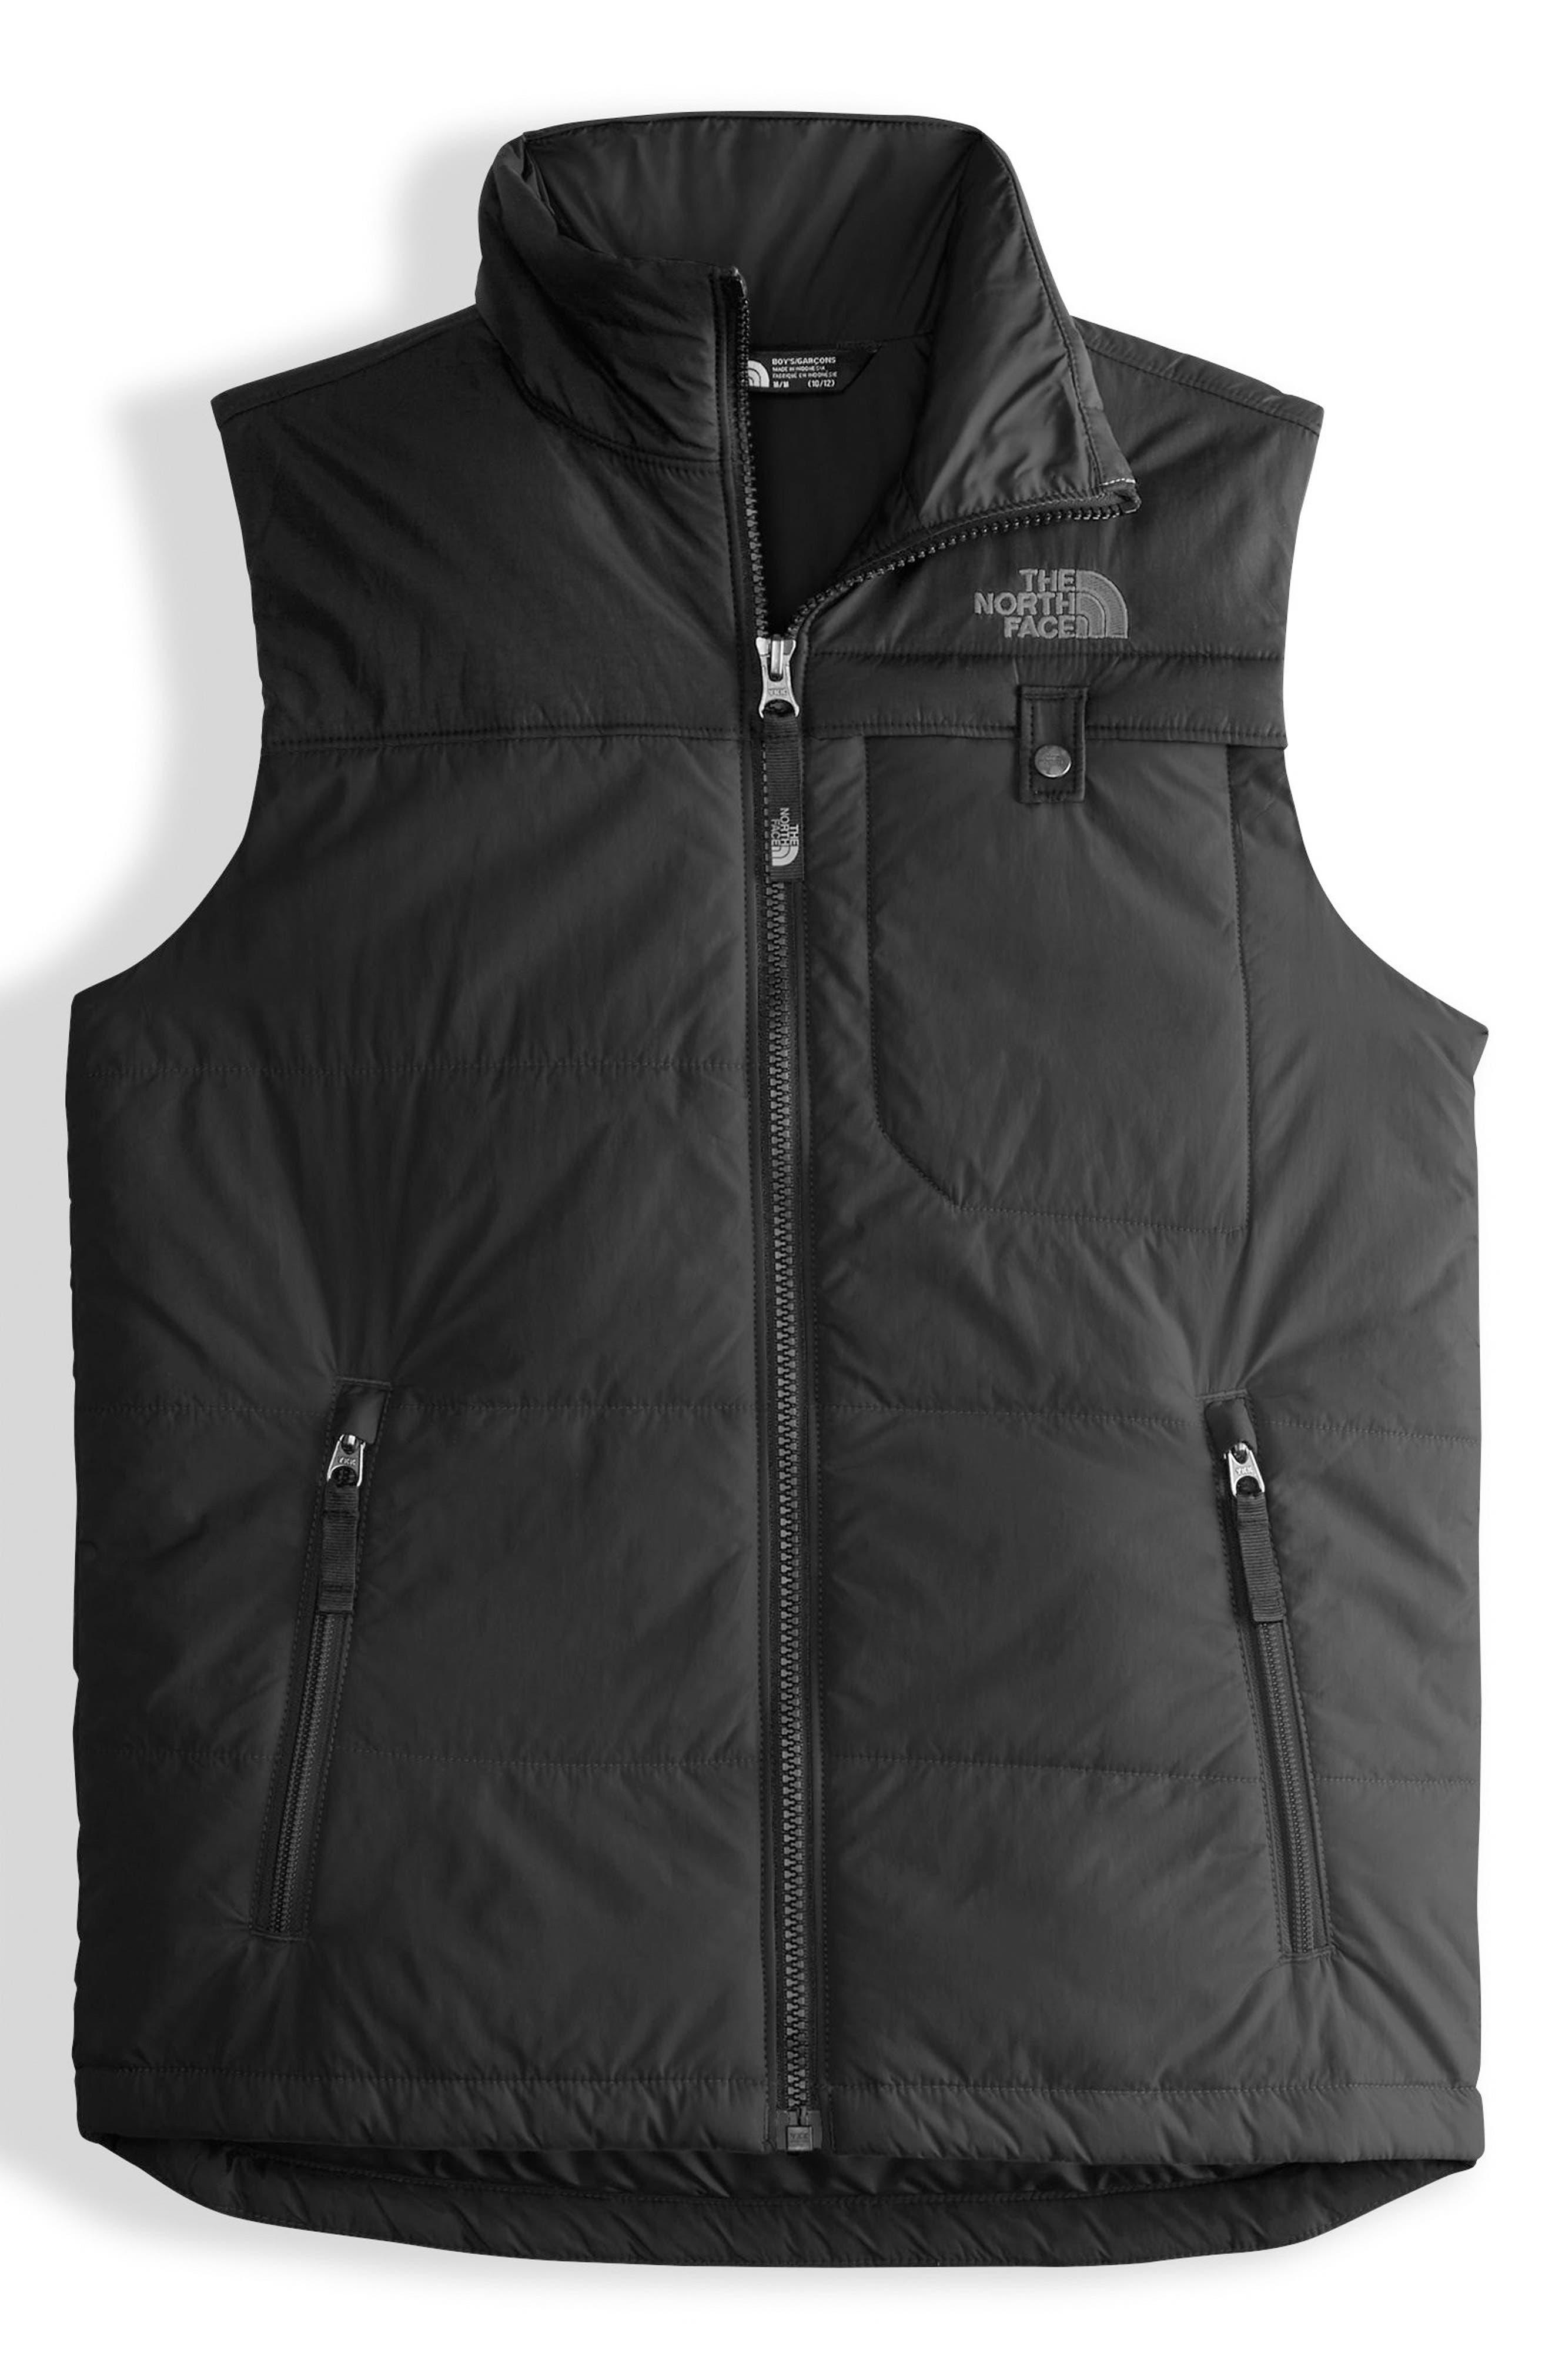 Alternate Image 1 Selected - The North Face Harway Heatseeker™ Water Resistant Vest (Big Boys)